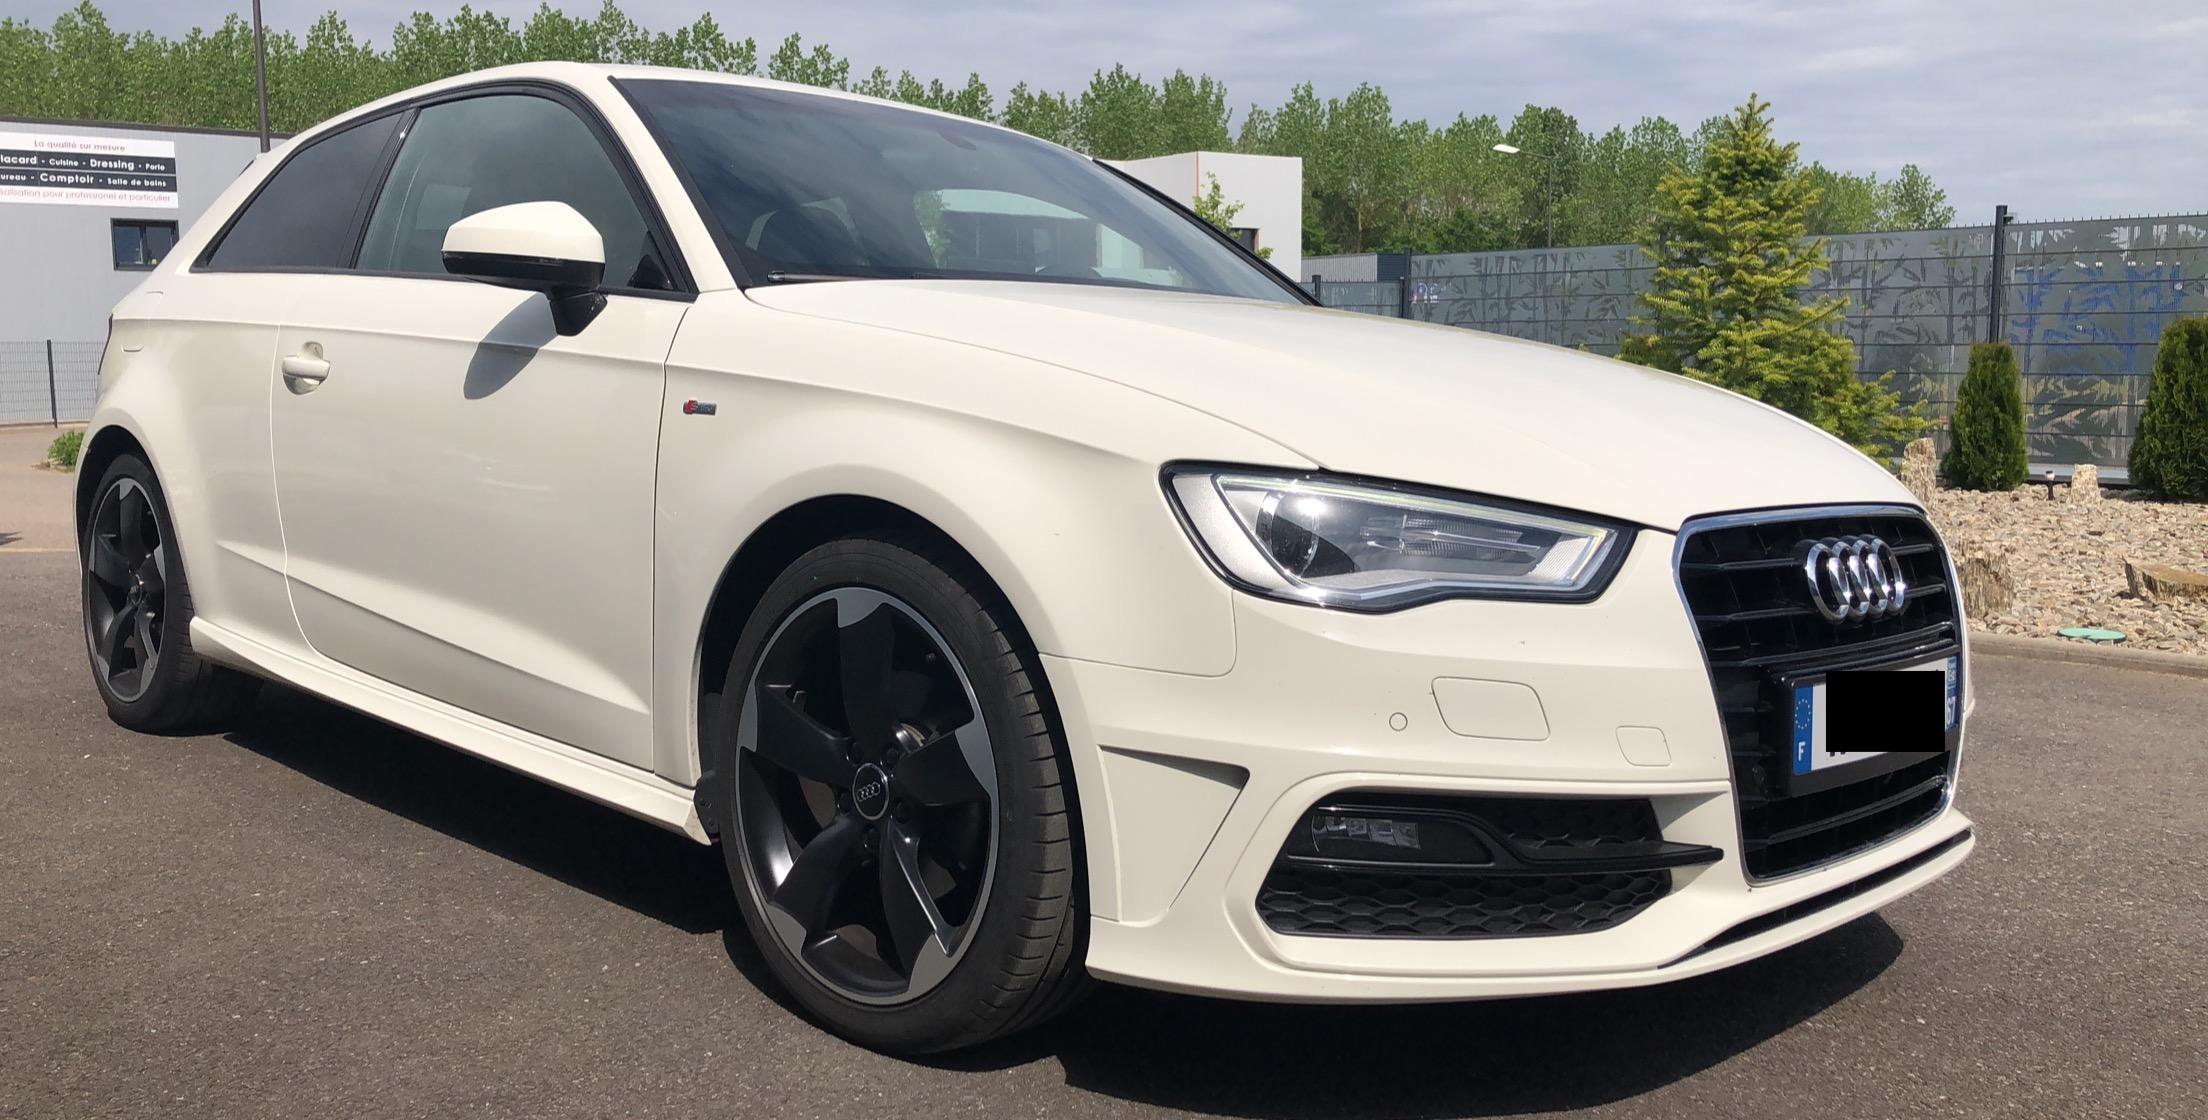 Audi A3 S Line Image